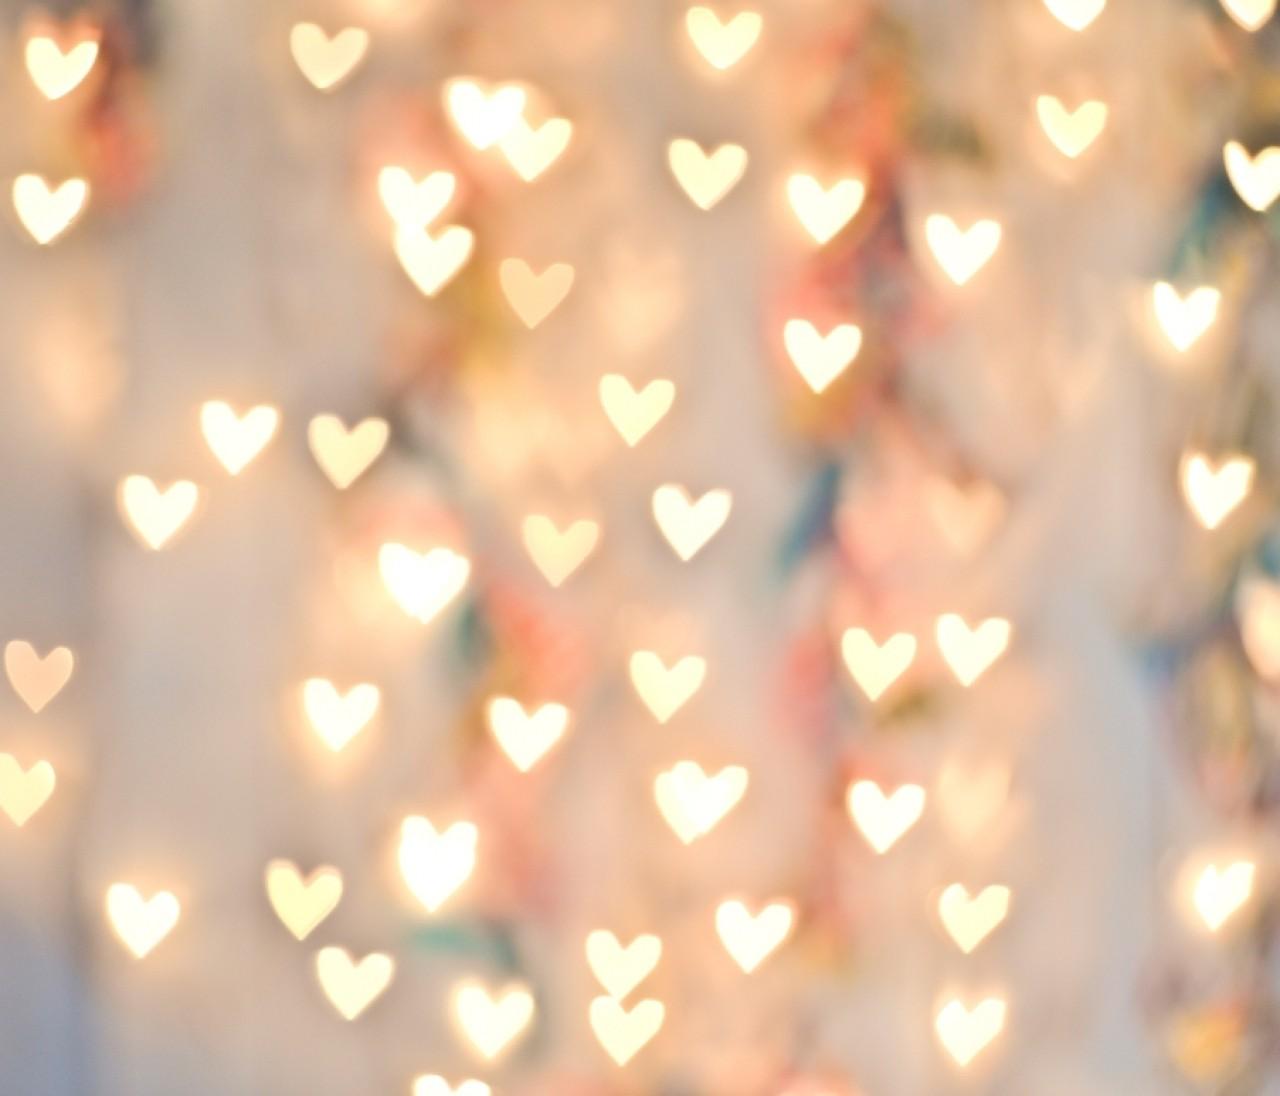 ジーコと状況そっくりなBAILA世代と話す婚活&その後【30代ジーコの、本気で婚活!ブログVol.42】